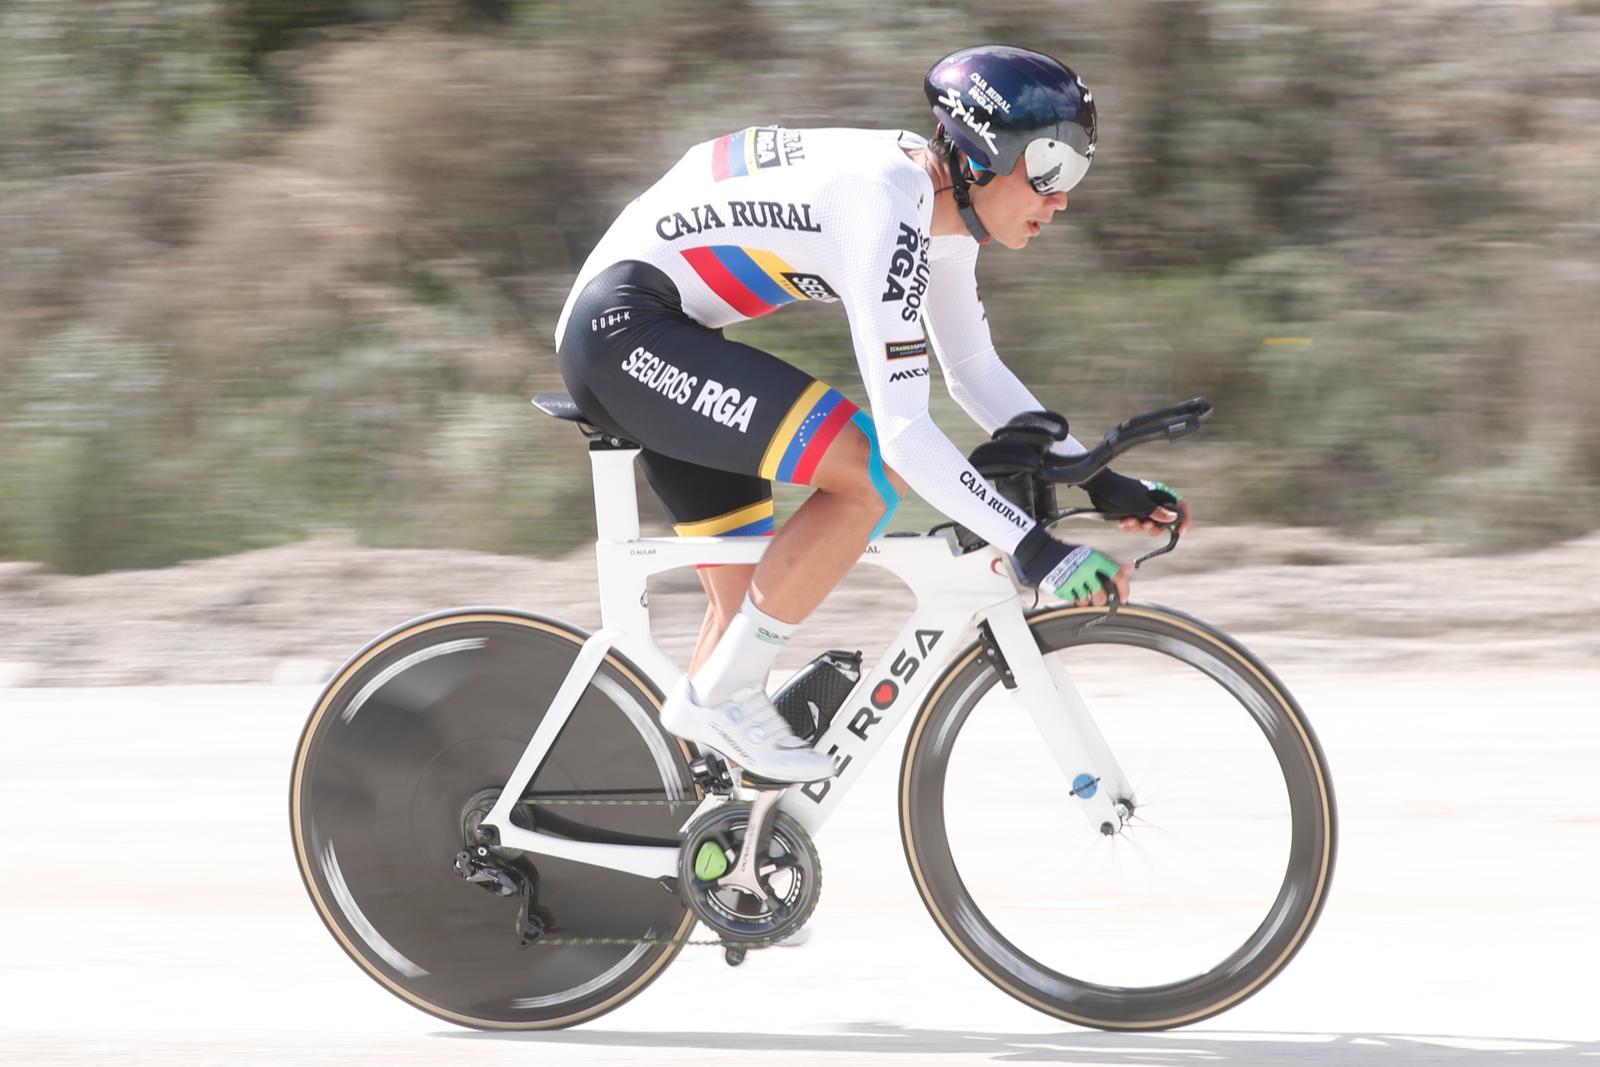 Caja Rural-Seguros RGA completa una muy buena semana de ciclismo en Andalucía y Algarve